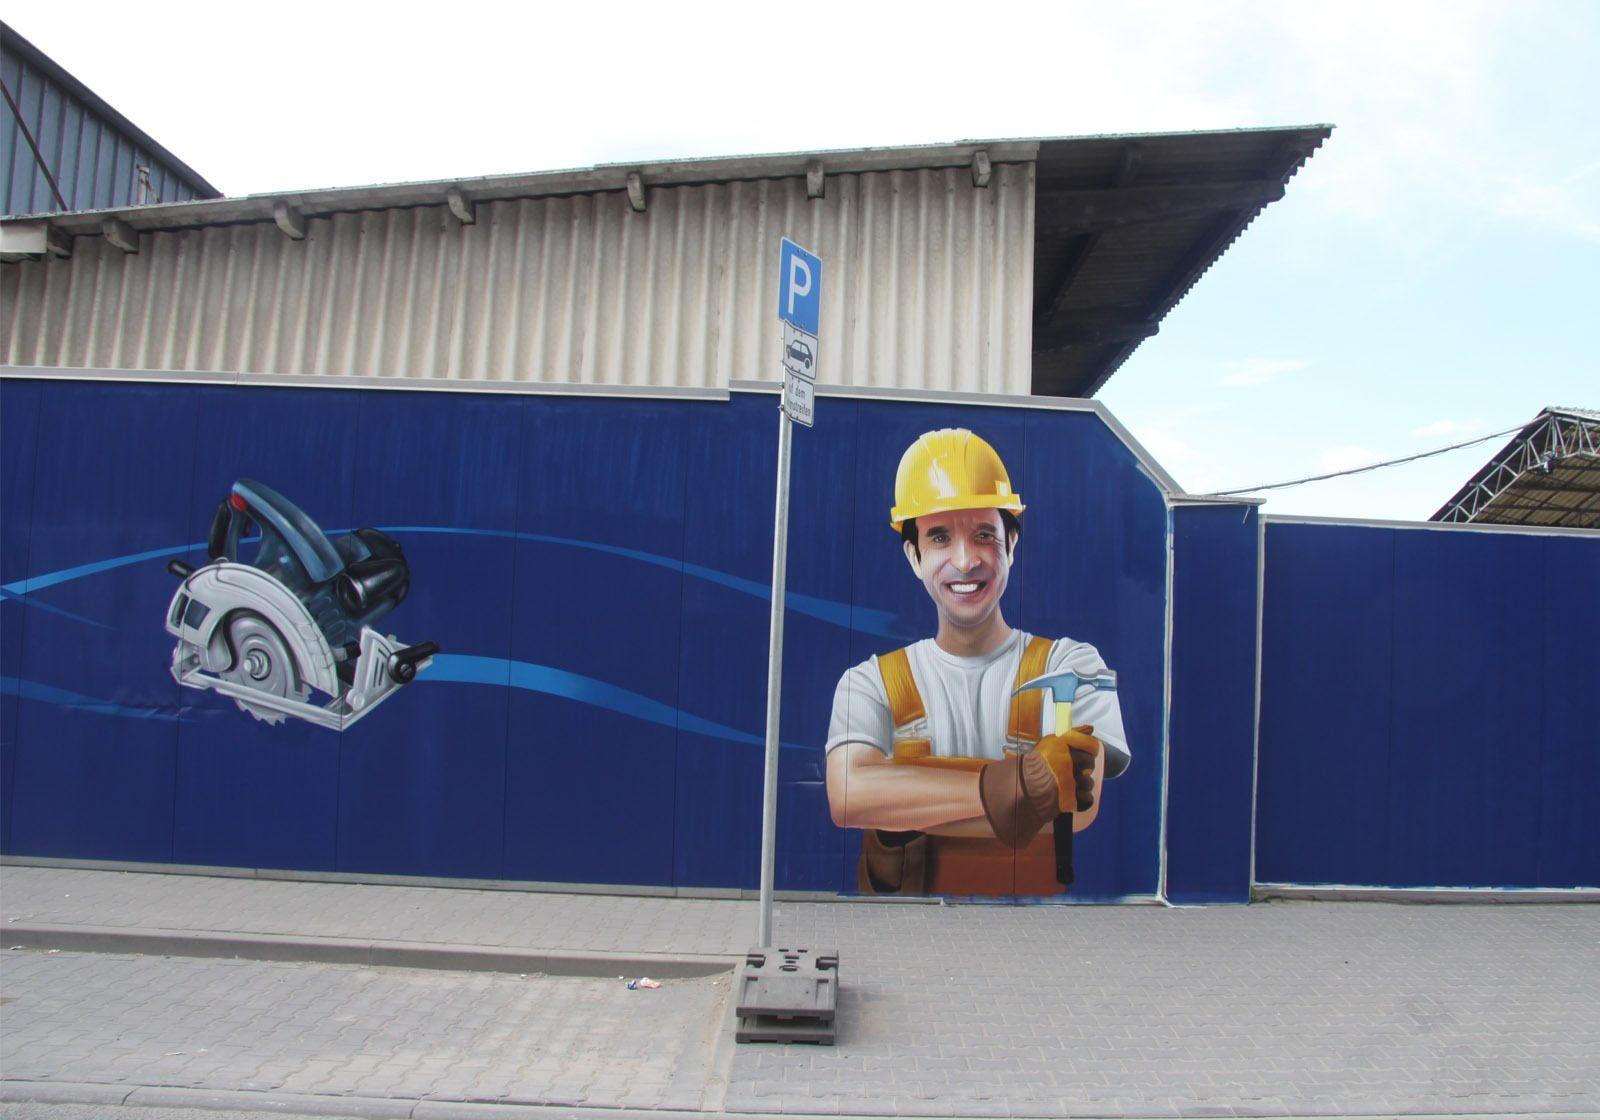 graffitikuenstler-graffitiauftrag-artmos4-rhein-main-baumaschinen-2013-bohrer-menschen-fotorealistisch-blau-orange-aussen